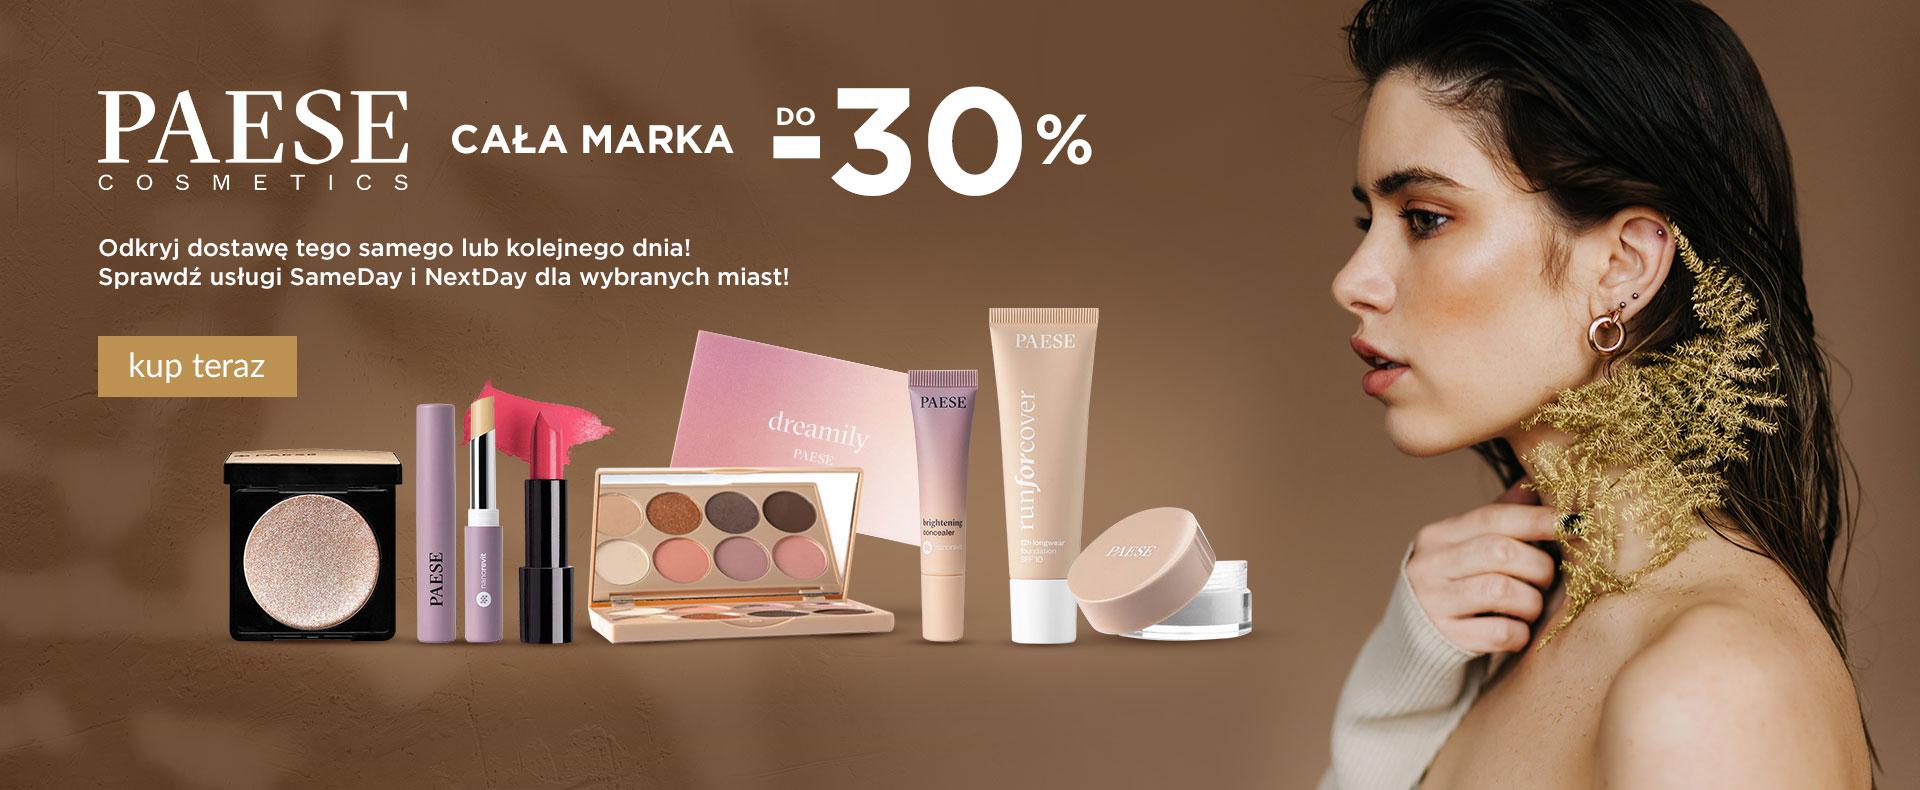 Ezebra: do 30% zniżki na kosmetyki marki Paese